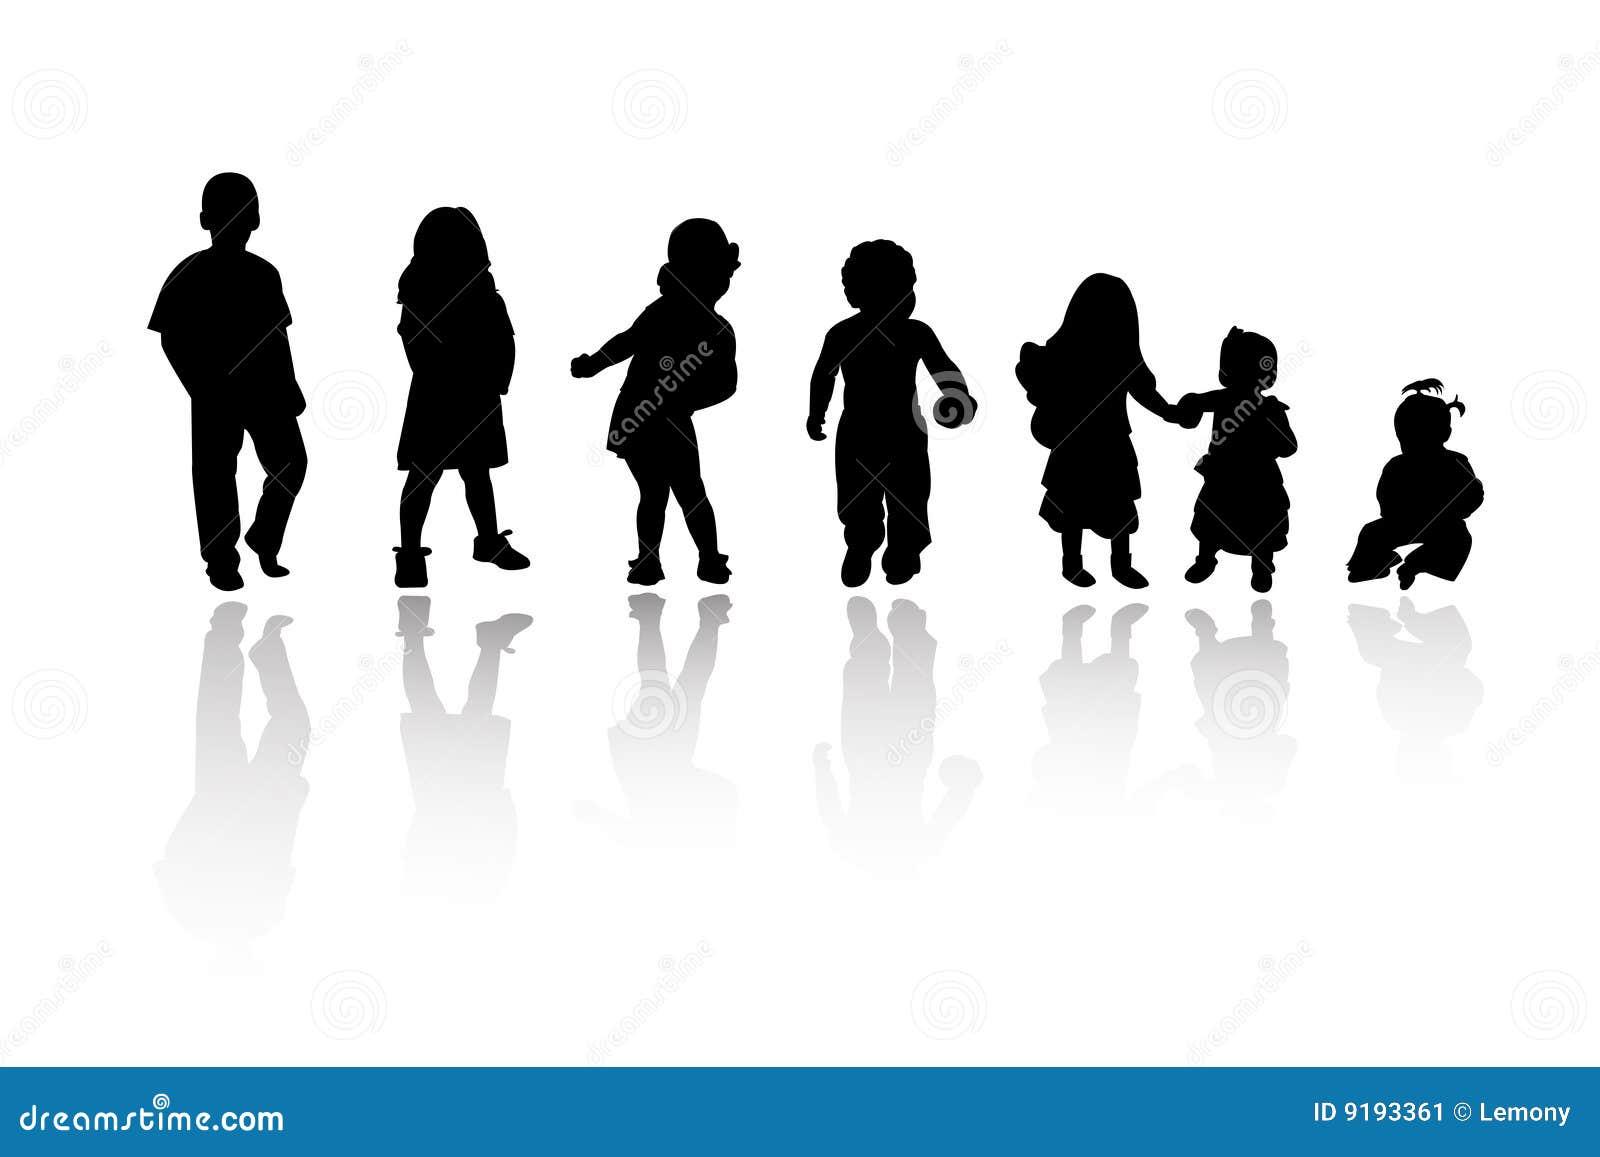 Schattenbilder kinder vektor abbildung illustration von - Schattenbilder kinder ...